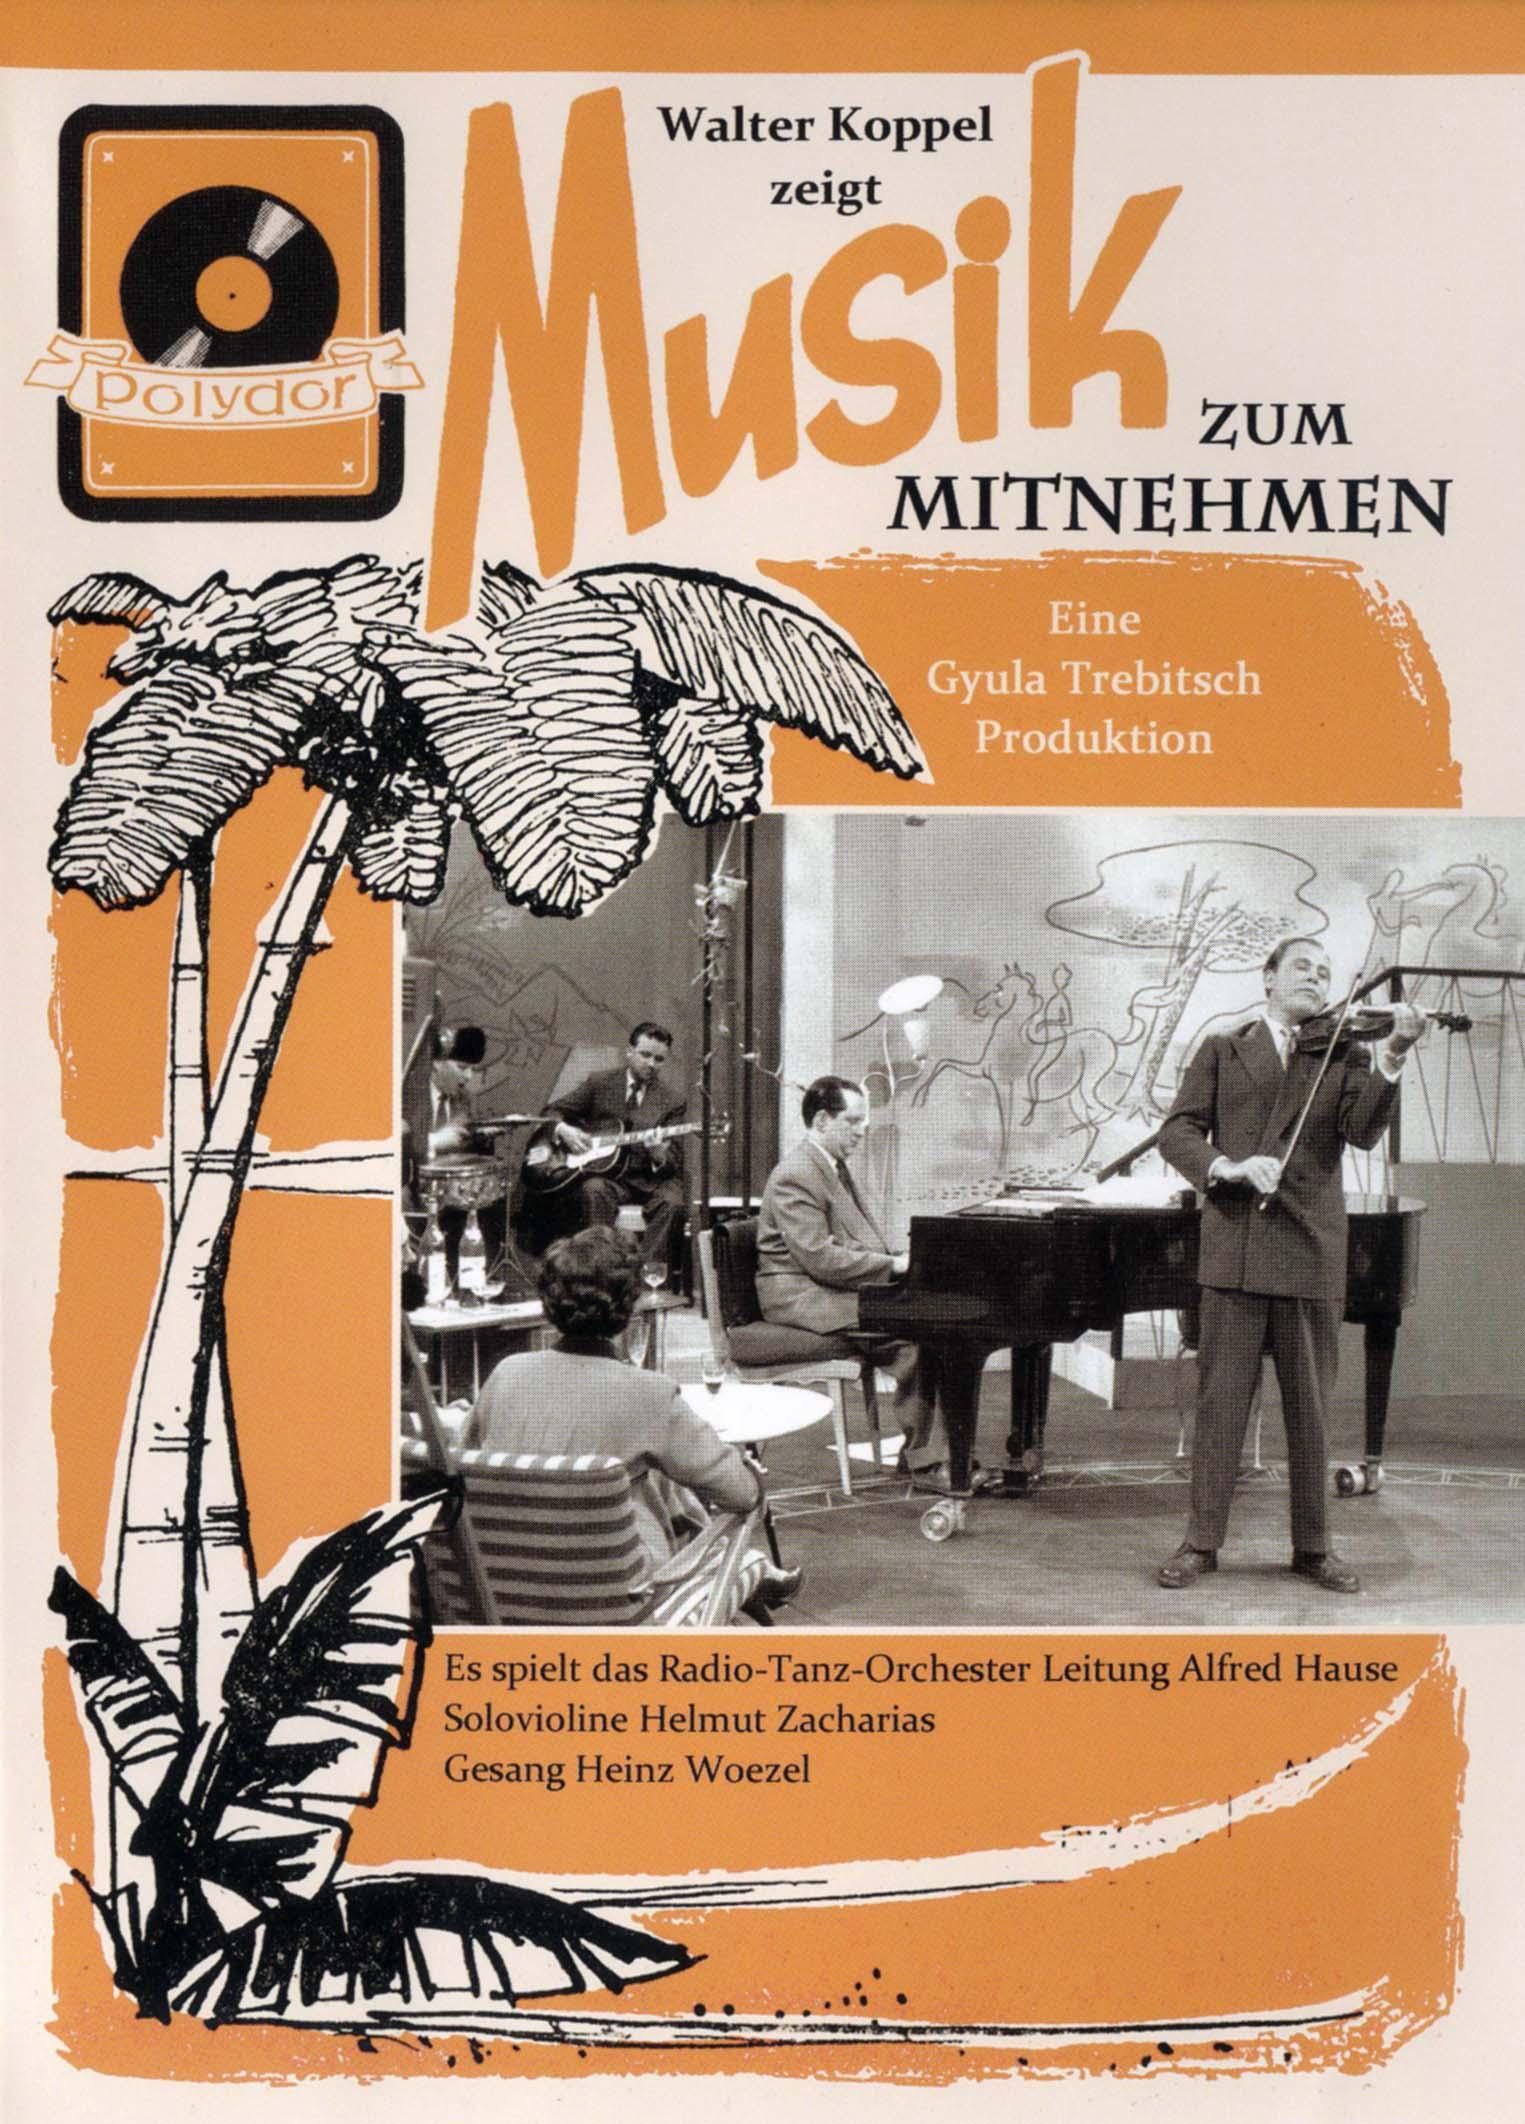 Walter Koppel Zeigt: Musik zum Mitnehmen